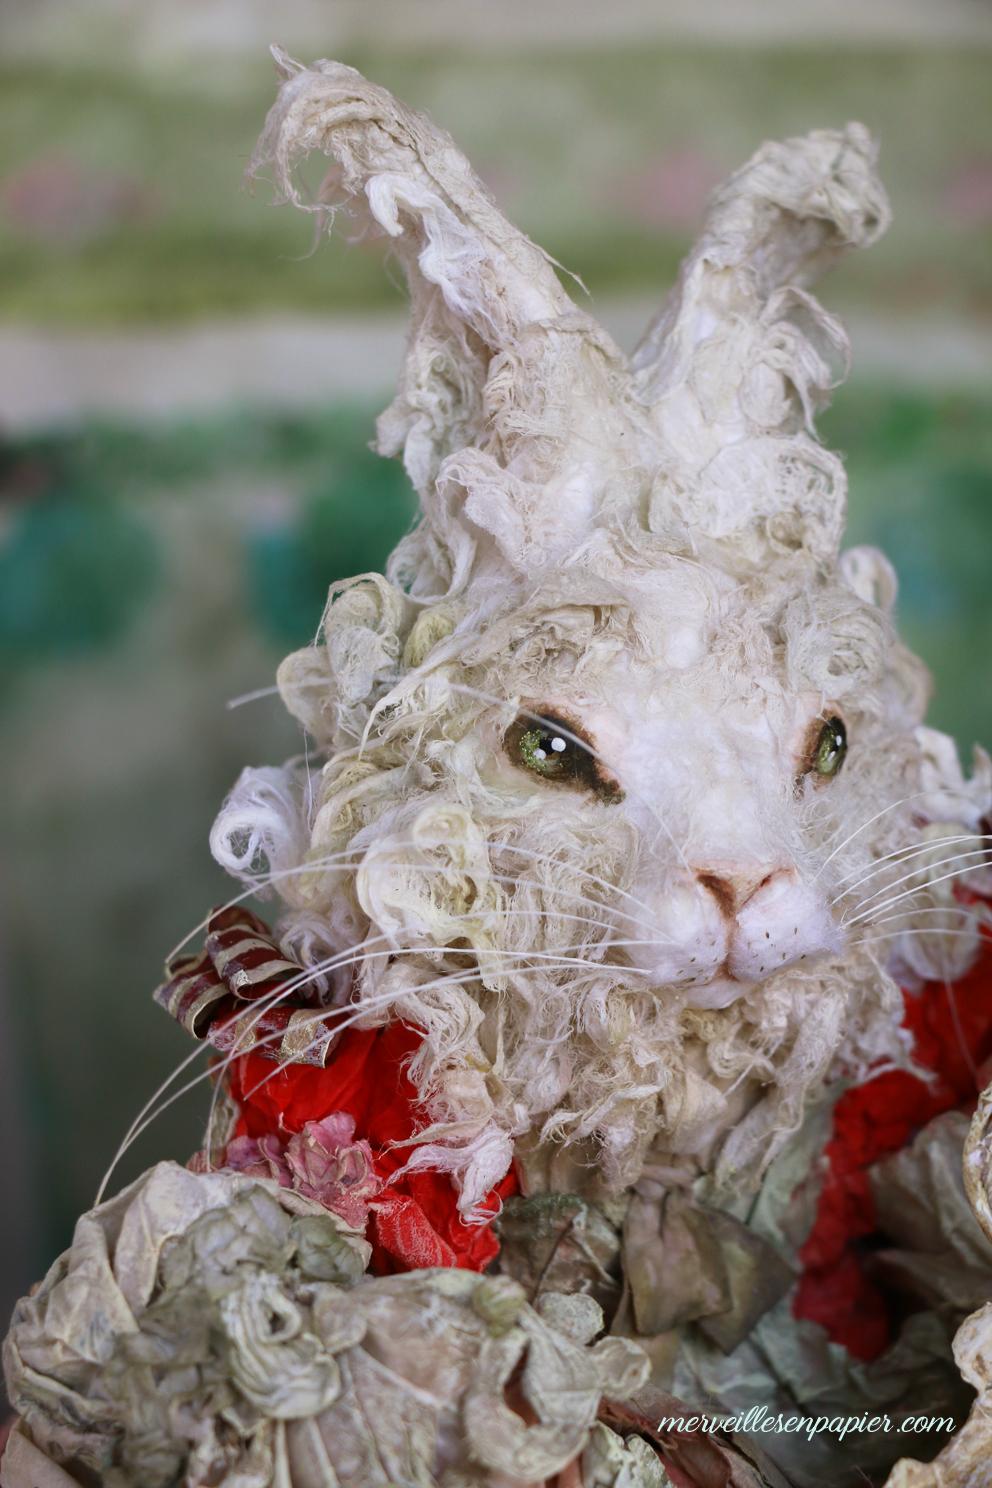 white-rabbit-musician-3.jpg